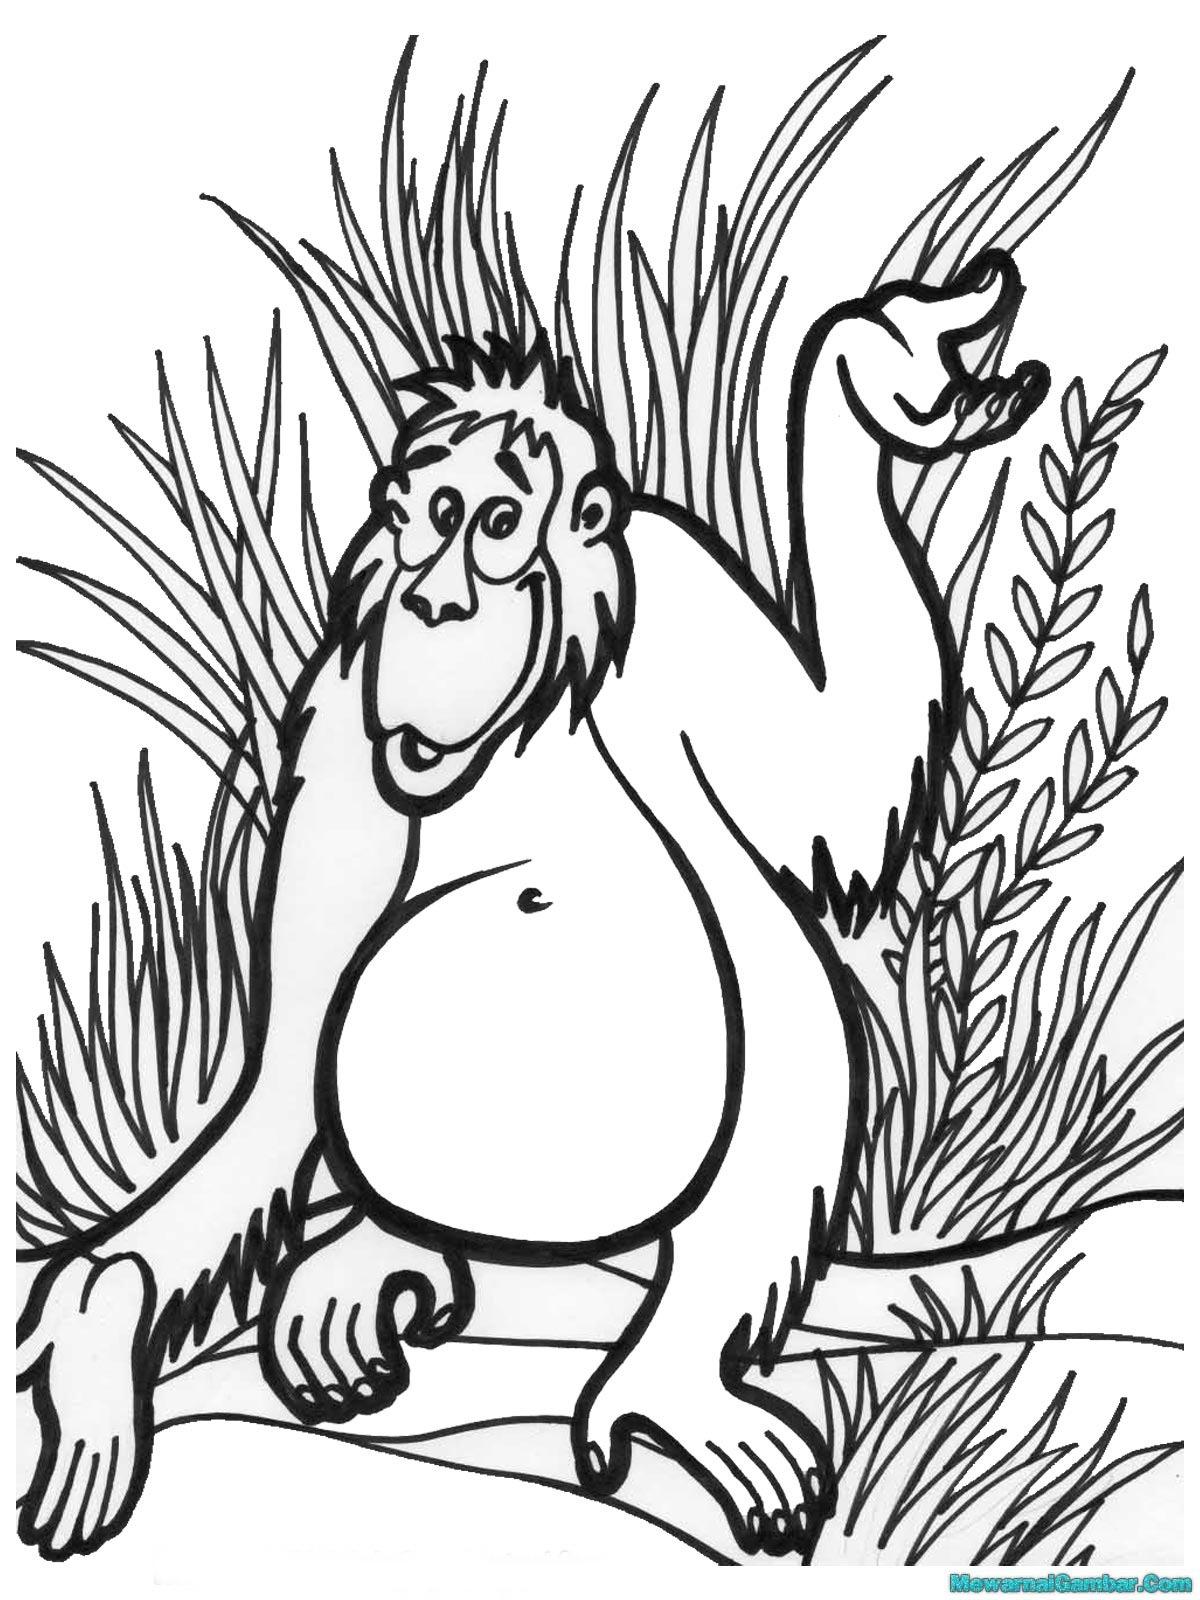 Mewarnai Gambar Gorila